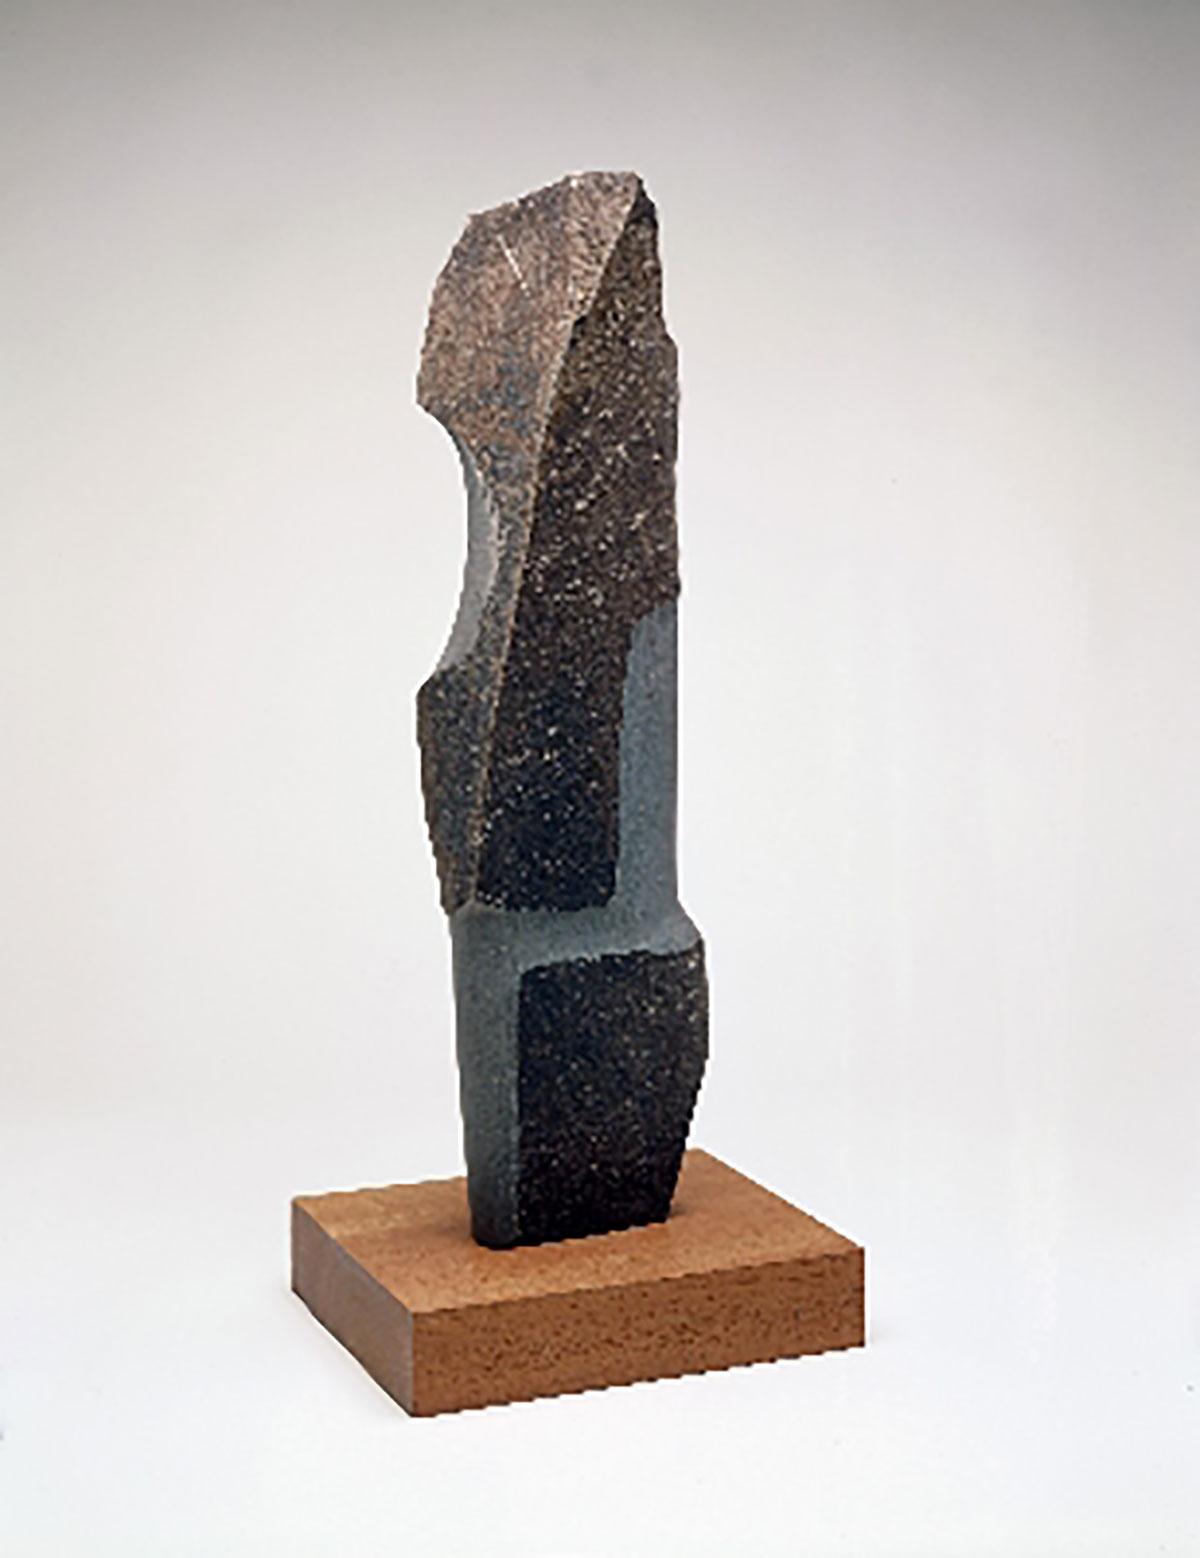 石に最小限の手が加えられただけの、後期のイサムの特徴がよく表れた作品。今回の展覧会のタイトル名にもなっている。イサム・ノグチ《発見の道》1983-84年 鹿児島県霧島アートの森蔵Photo:Kevin Noble(C)2021 The Isamu Noguchi Foundation andGardenMuseum/ARS, NY/JASPAR,Tokyo E3713